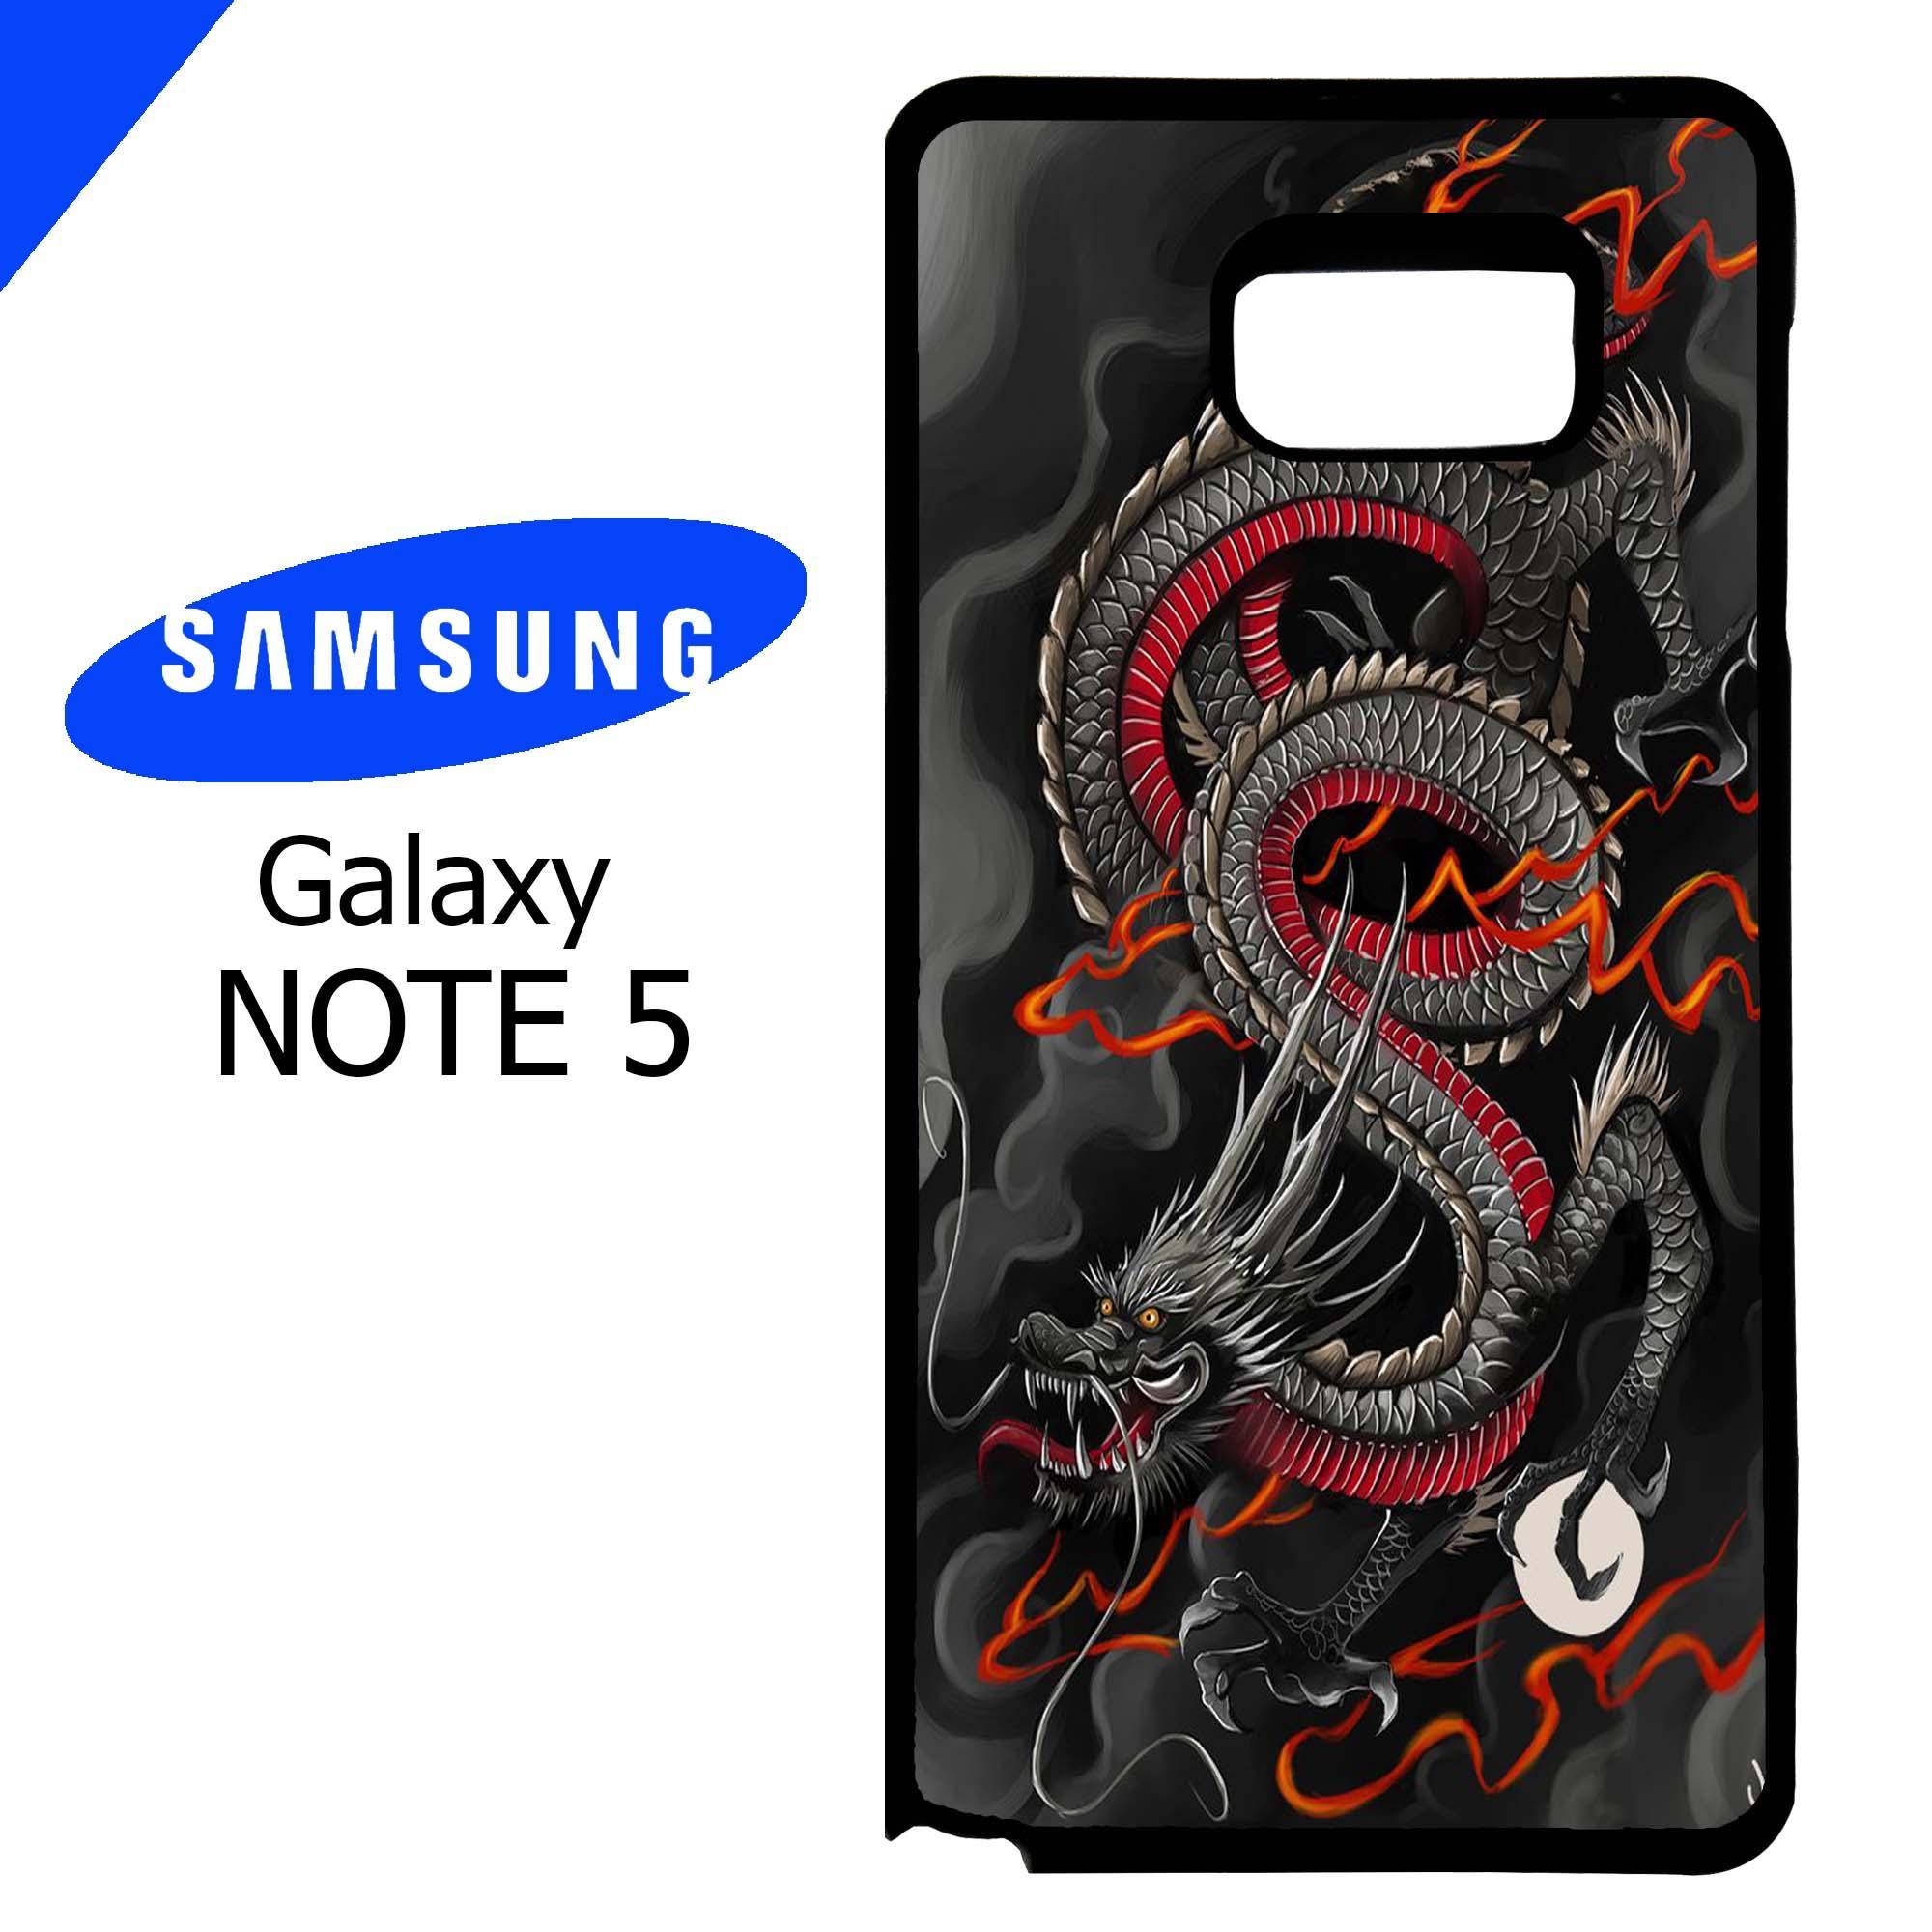 Rajamurah fasion printing case Samsung Note5 - 4